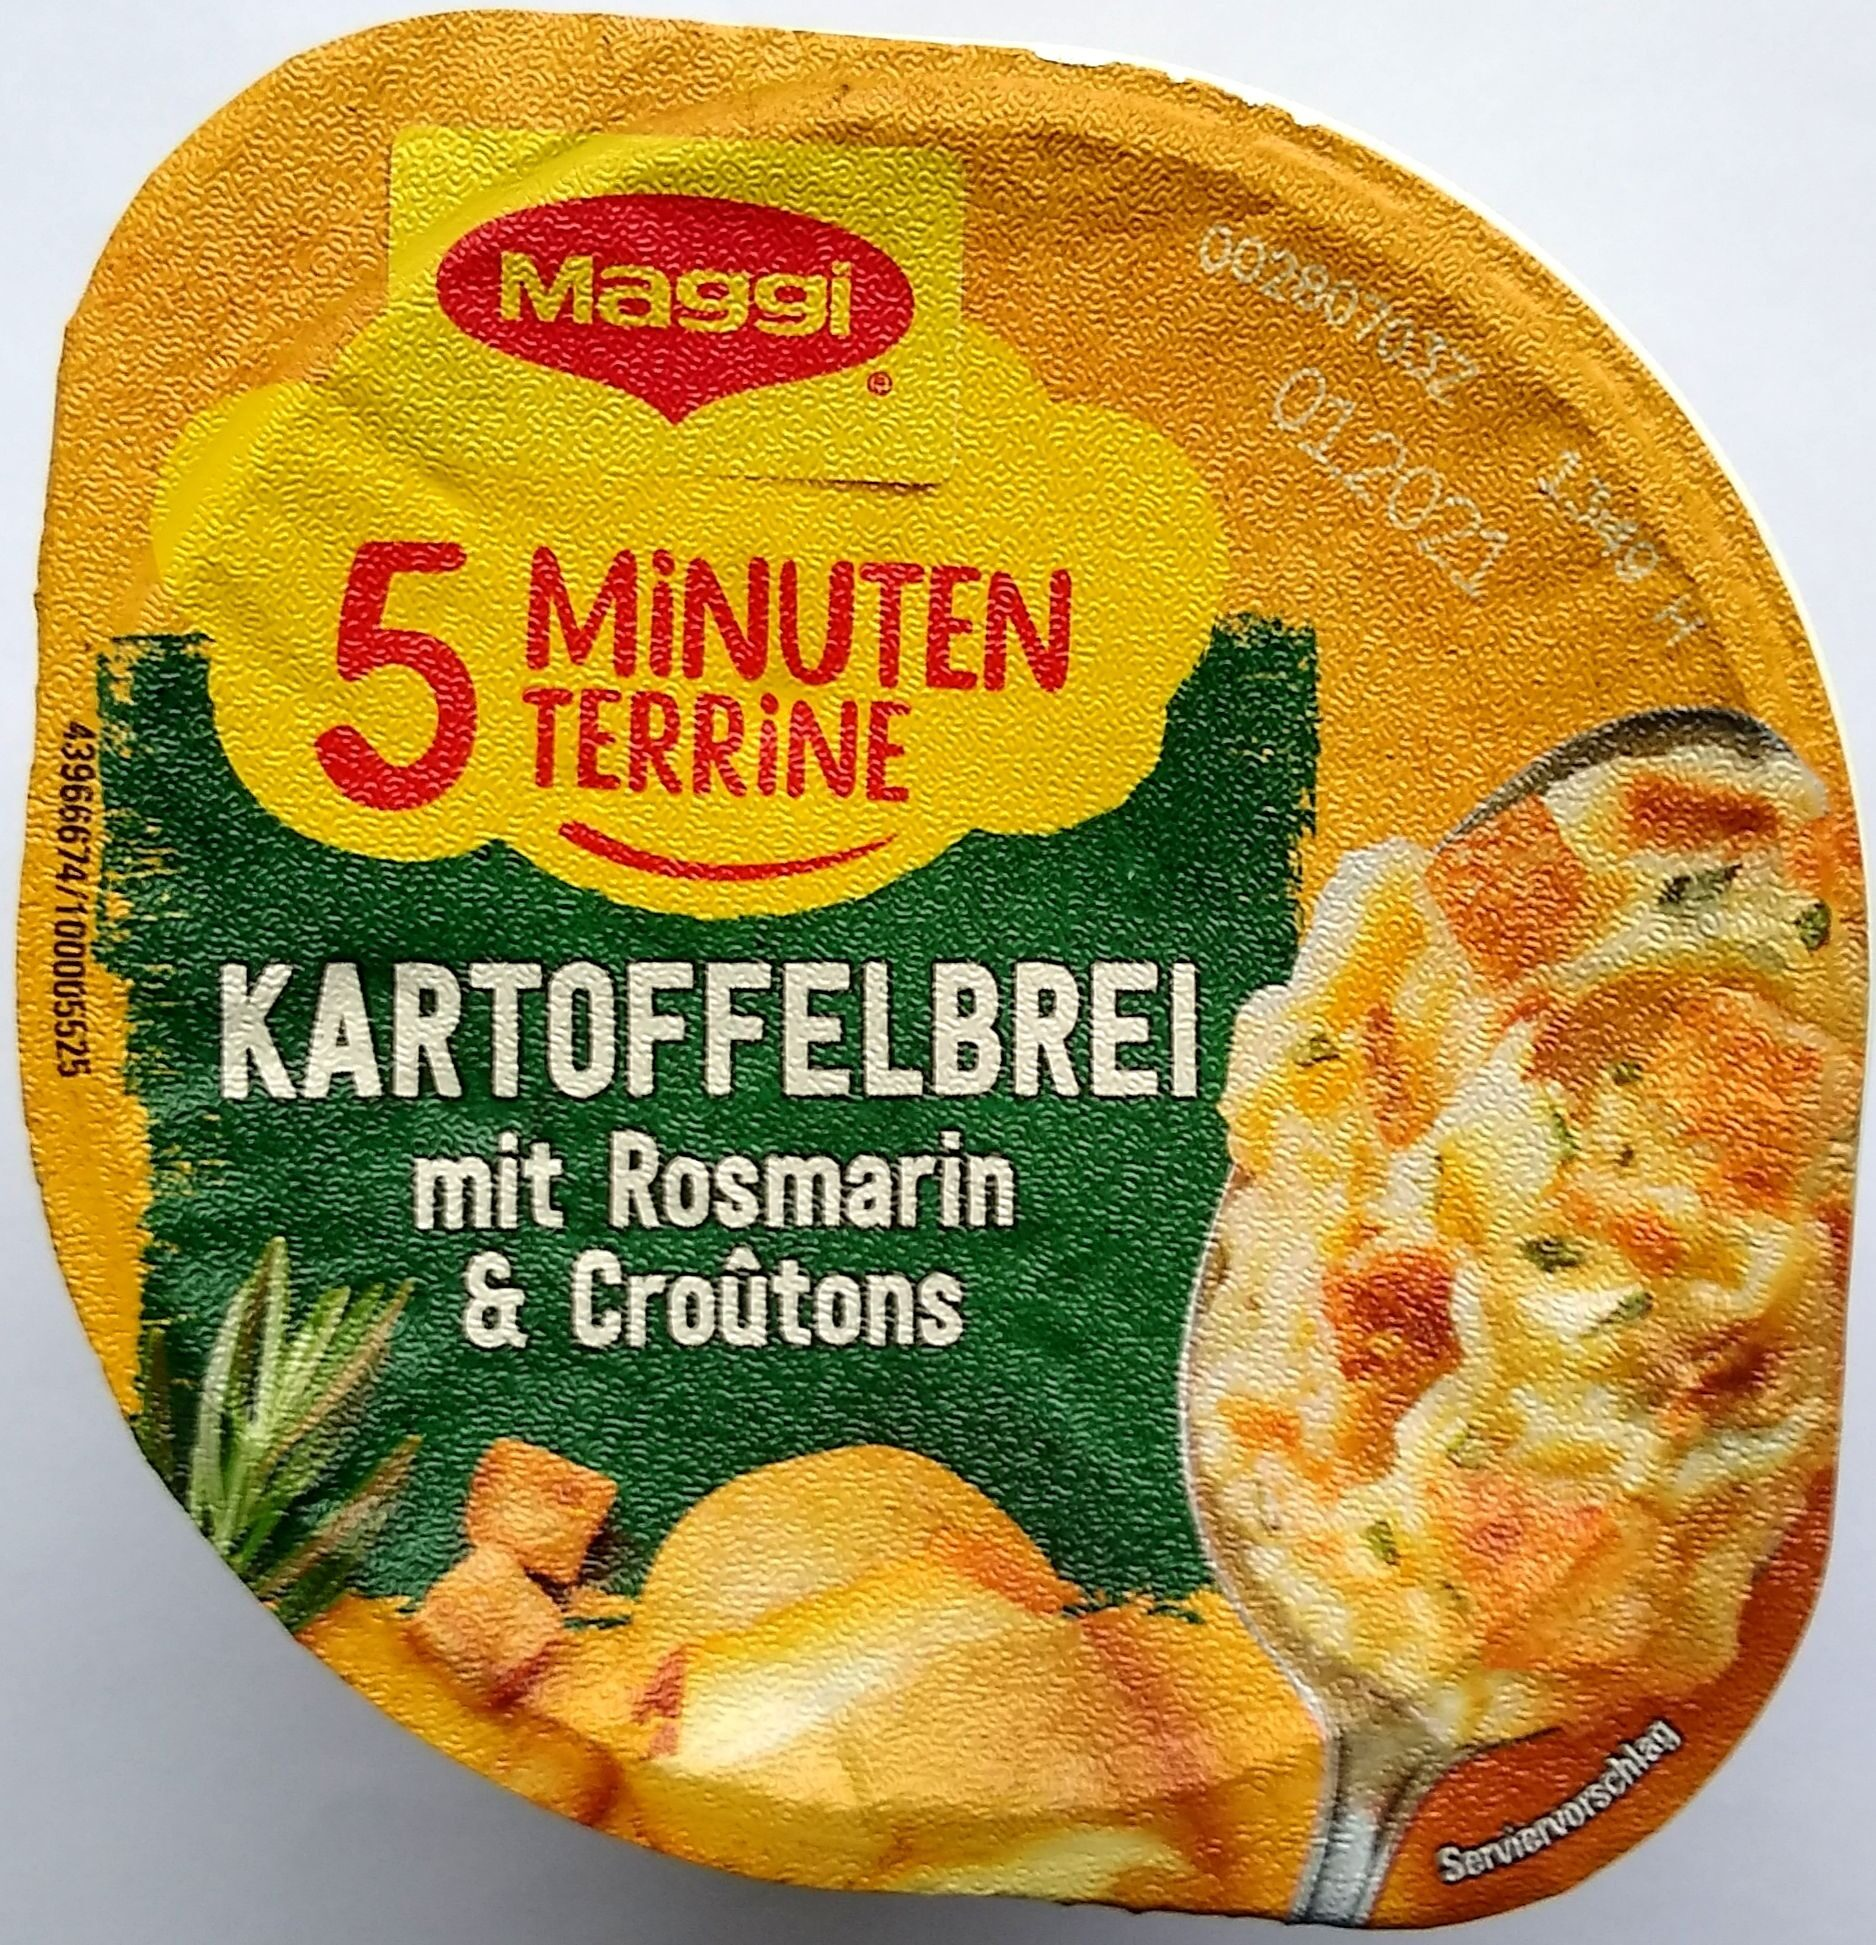 Kartoffelbrei mit Rosmarin und Croûtons - Produit - de